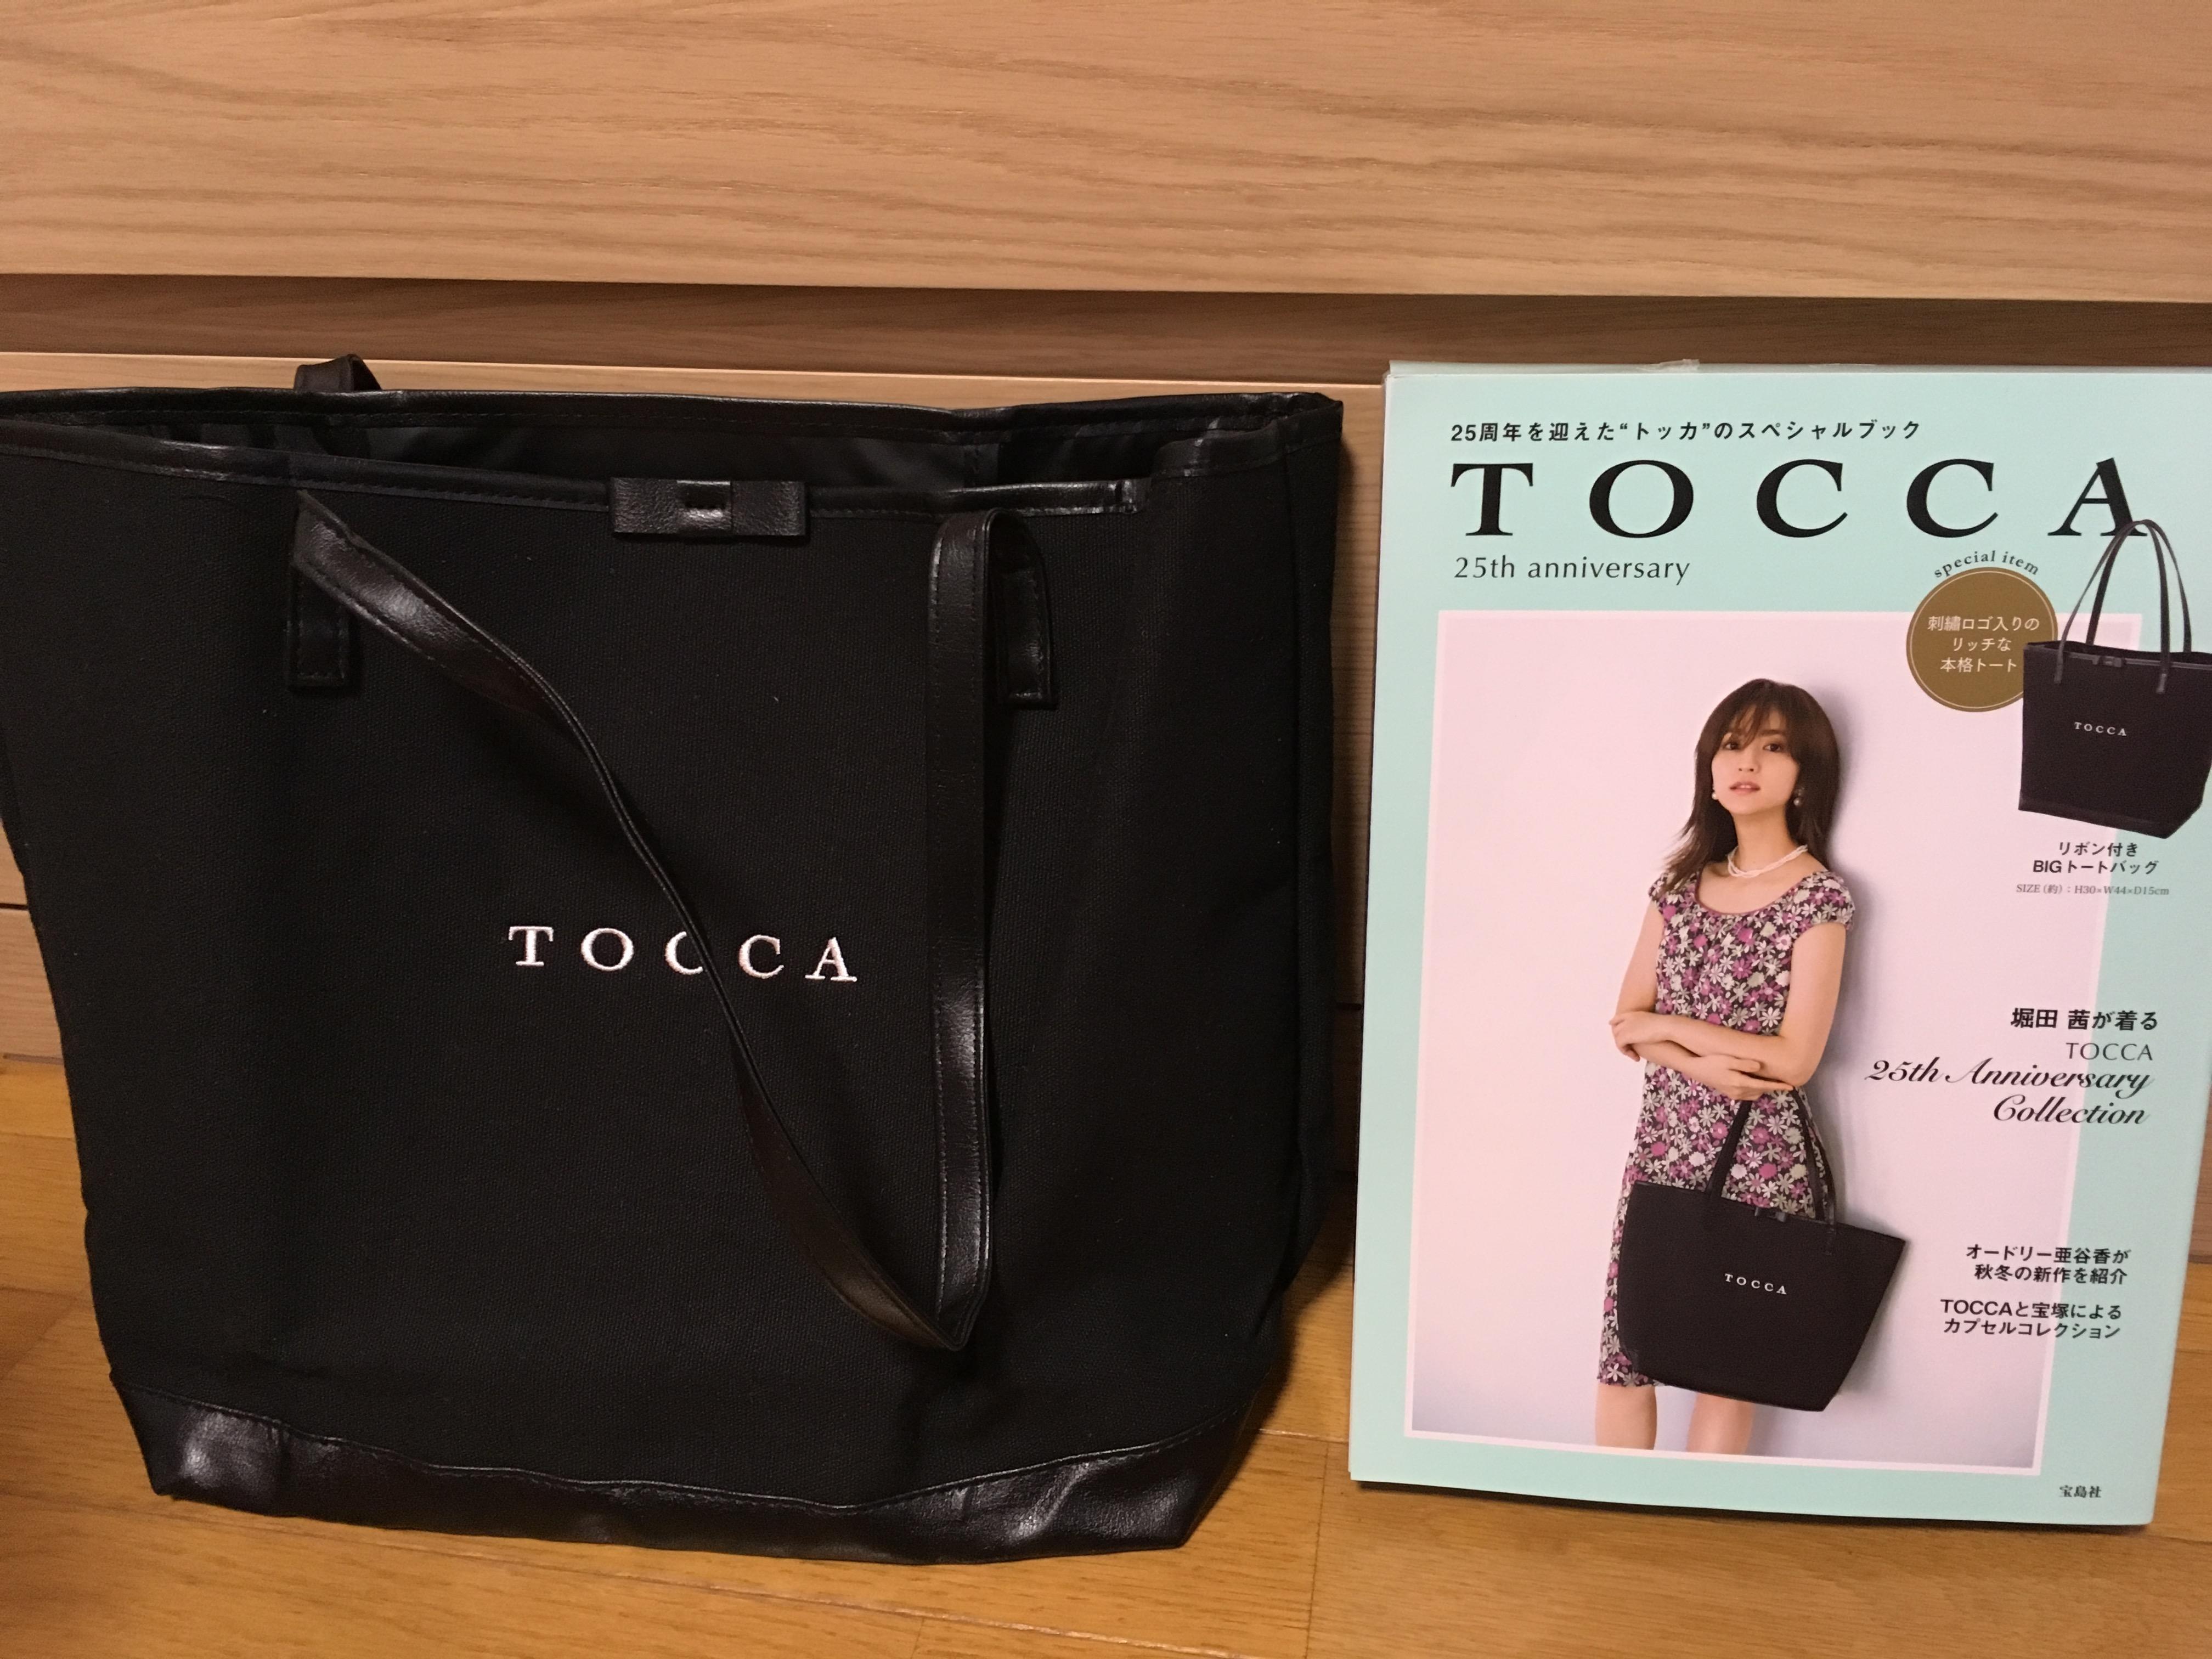 人気ブランドのムック本!使いやすいトートバッグを入手!